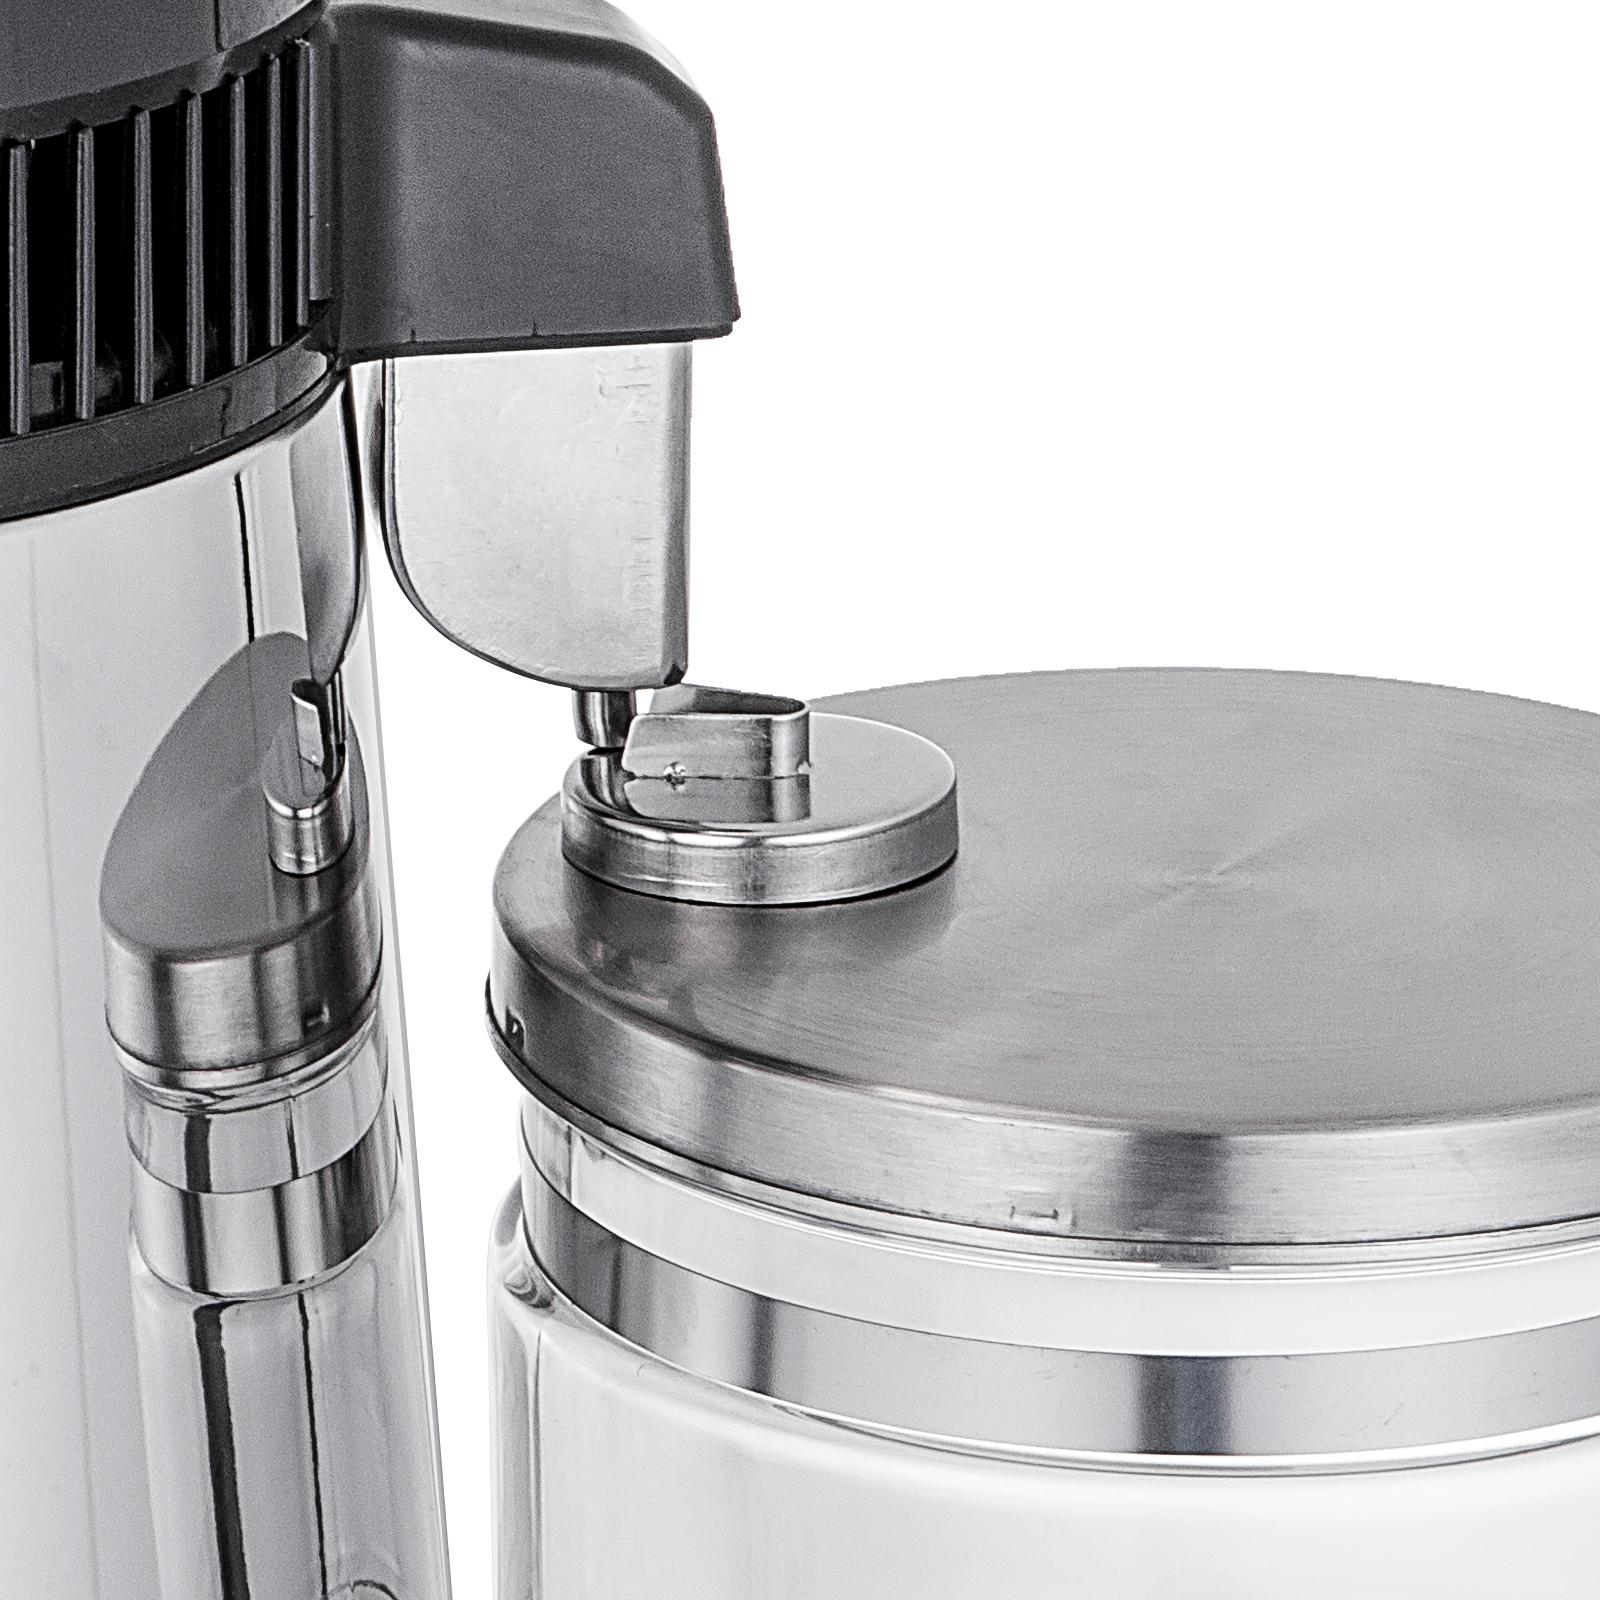 750W-4L-Wasser-Destilliergeraet-Water-Distiller-Einmachglas-Wasserflasche-Zuhause Indexbild 68